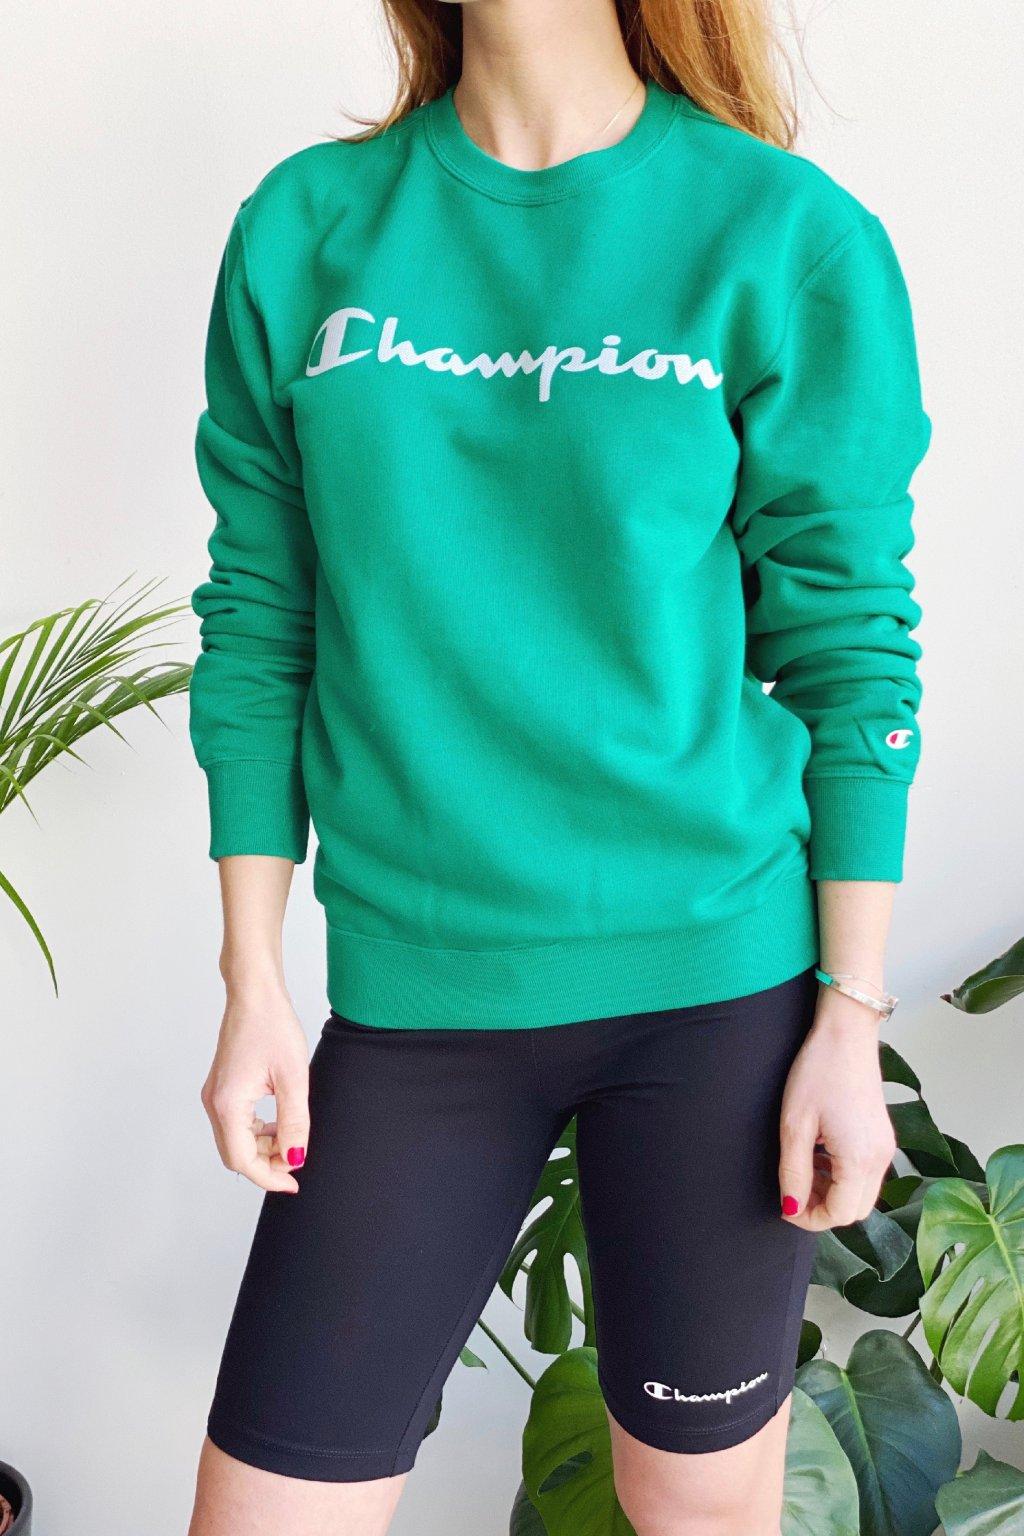 Champion dámská mikina s logem - zelená